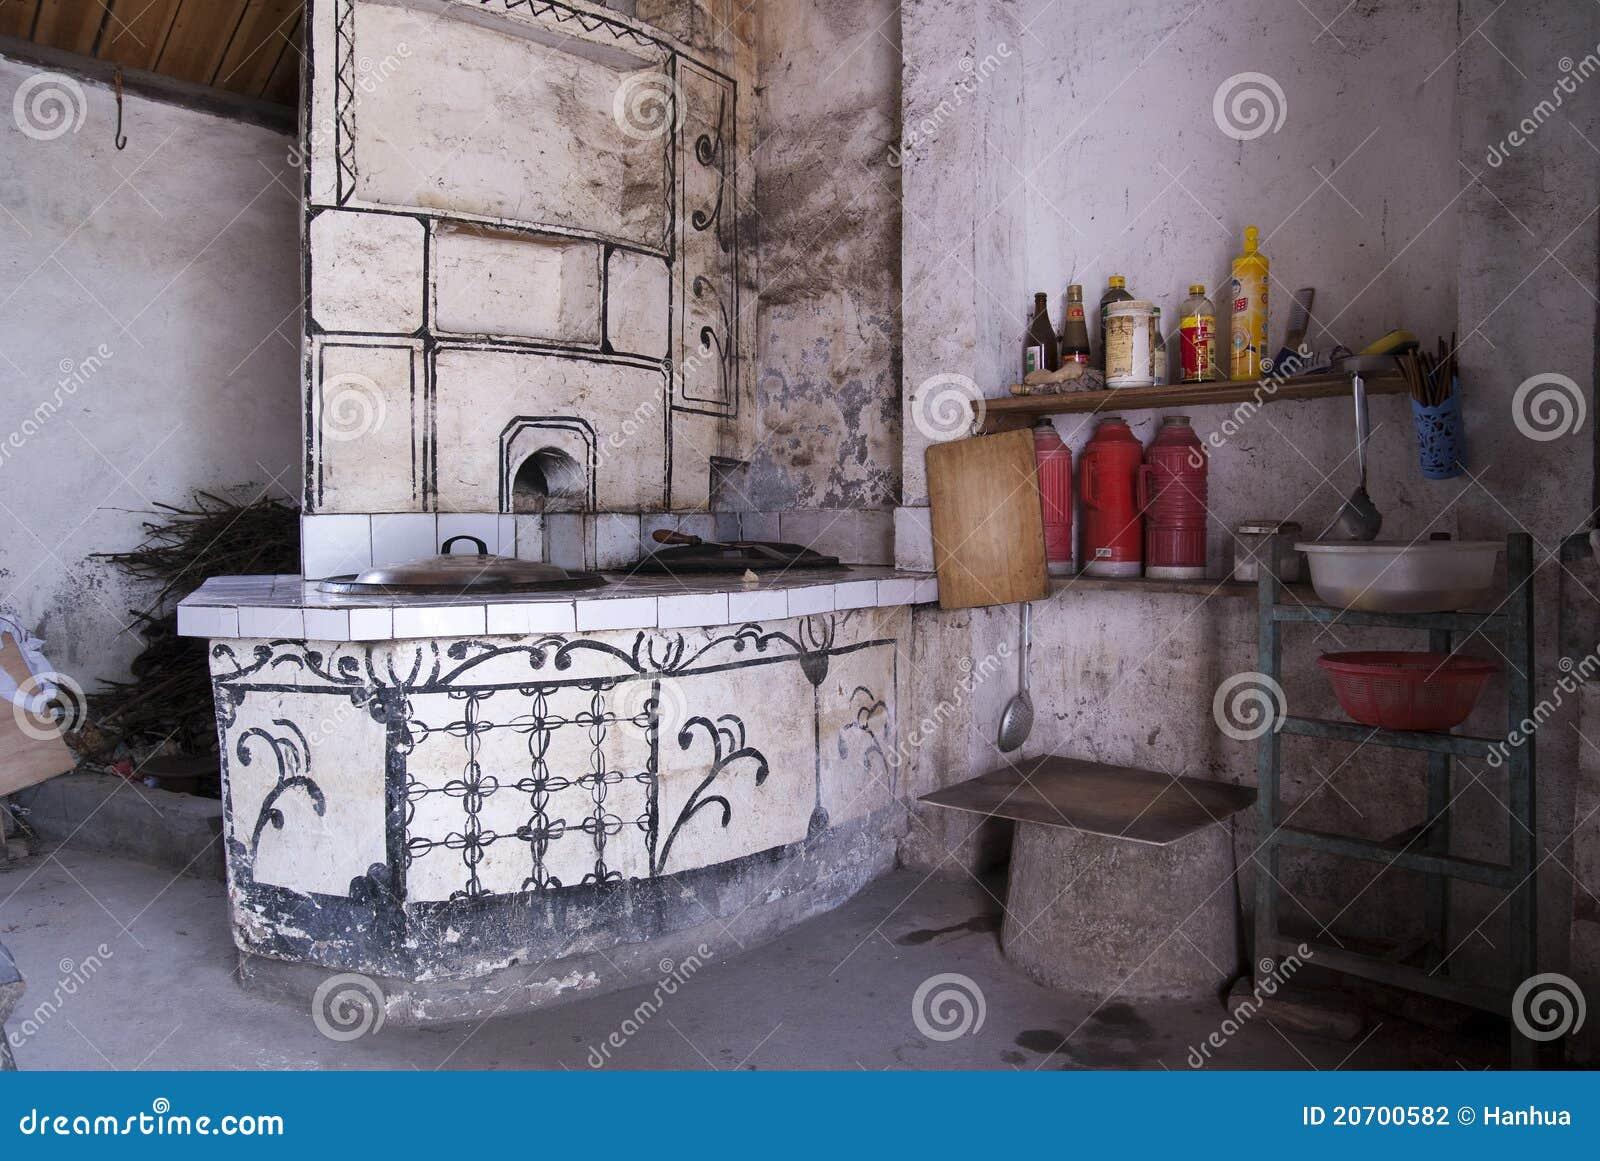 Voorraadkast Keuken Inhoud : De Keuken Van De Boerderij Stock Fotografie – Afbeelding: 20700582